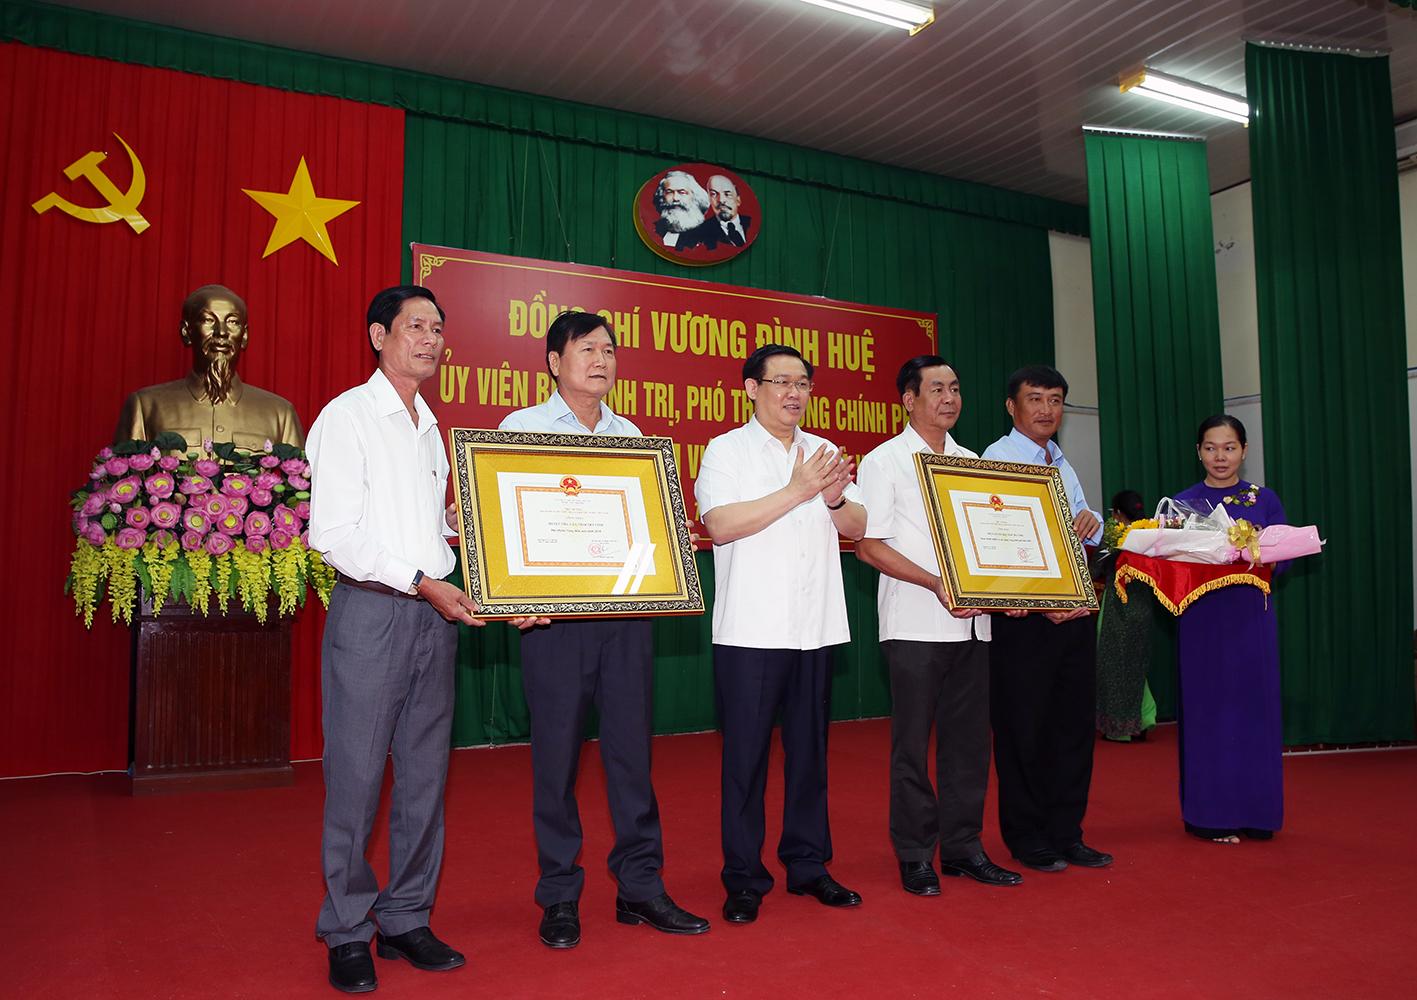 Phó thủ tướng Vương Đình Huệ trao Bằng công nhận của Thủ tướng Chính phủ đối với huyện Tiểu Cần và thị xã Duyên Hải hoàn thành nhiệm vụ xây dựng nông thôn mới. Ảnh: VGP/Thành Chung